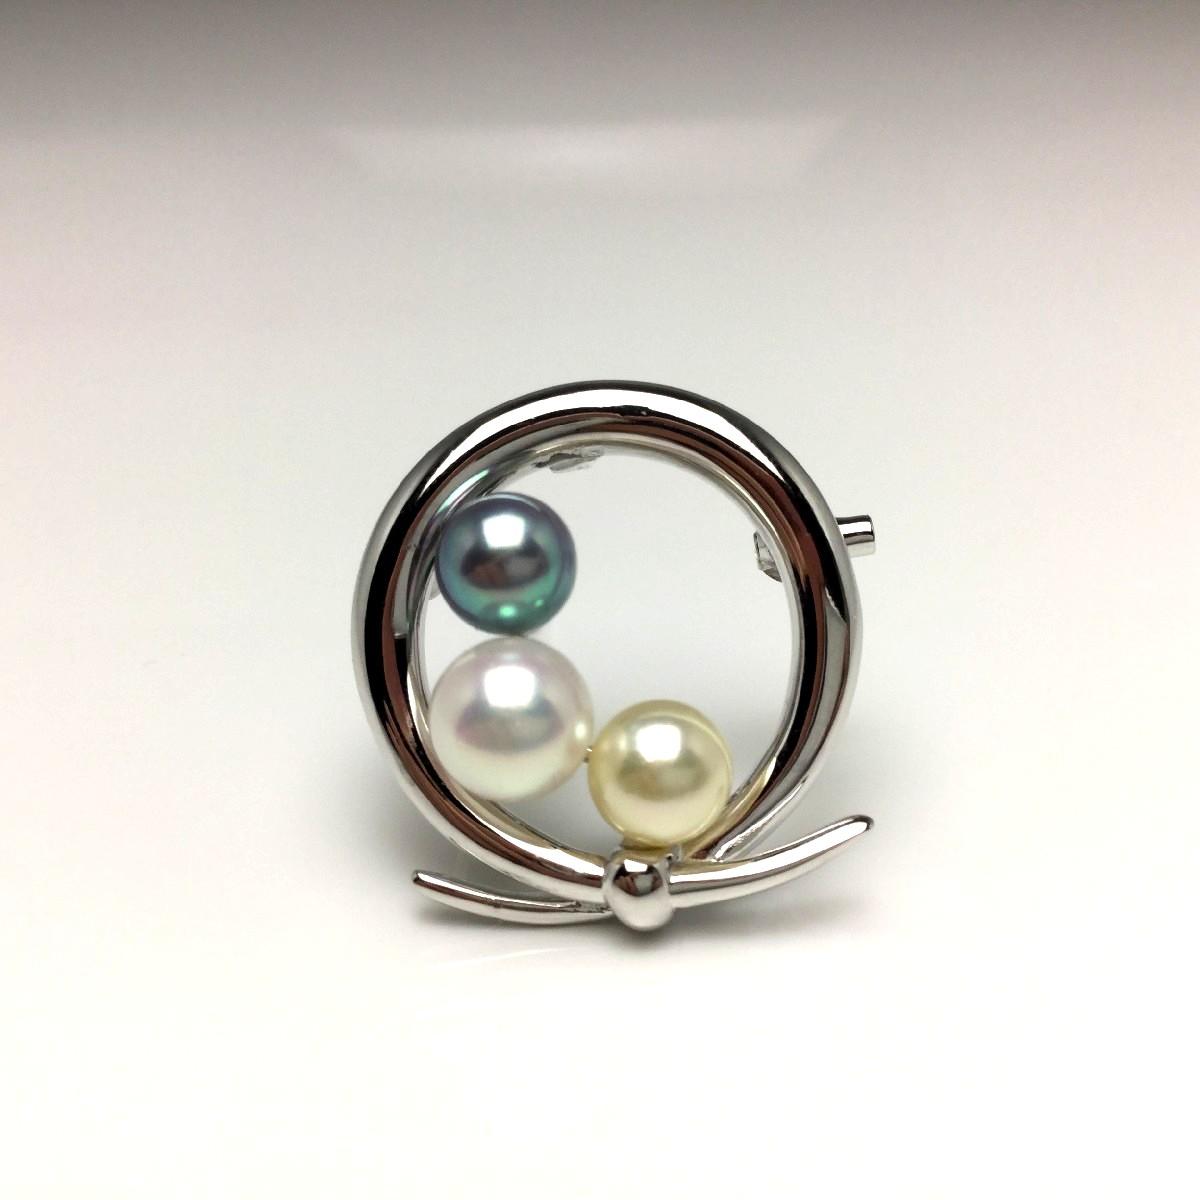 激安価格の 真珠 真珠 ブローチ パール アコヤ真珠 6.5mm・5.5mm 6.5mm・5.5mm シルバー マルチカラー シルバー 67101 イソワパール, 期間限定特別価格:9eaf2401 --- cpps.dyndns.info